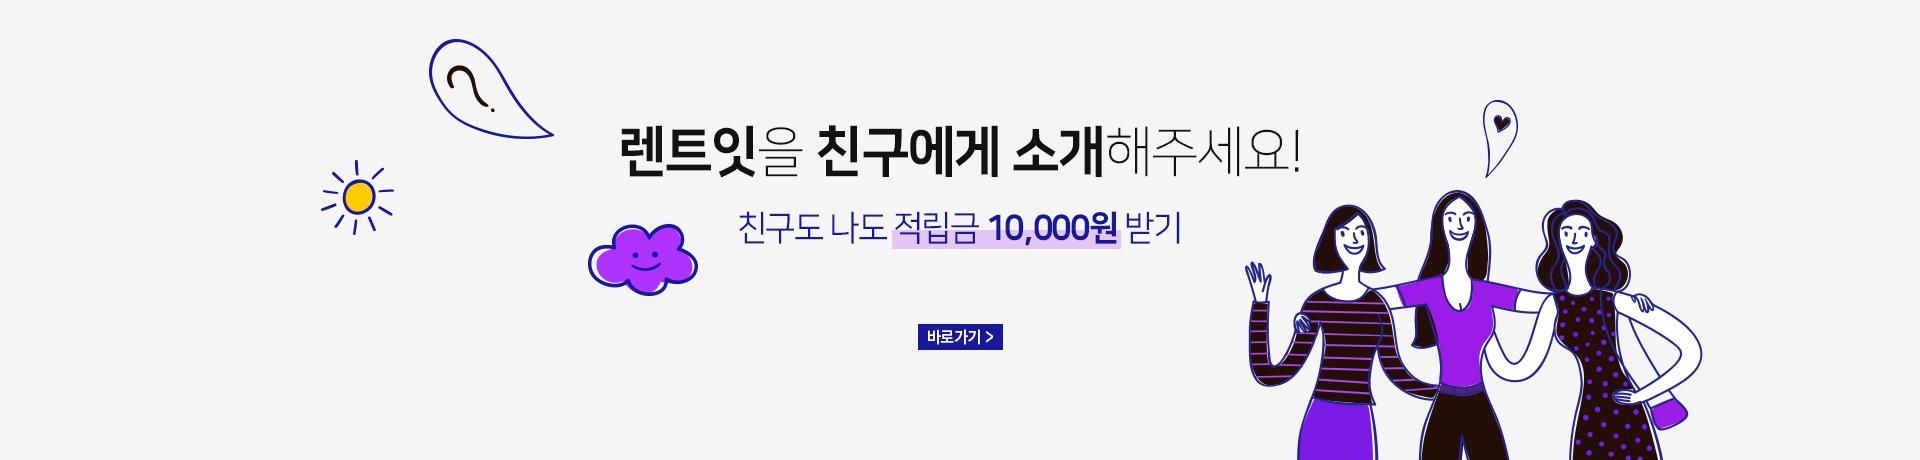 200610_sy_rentit_invitefriend_pc-v2